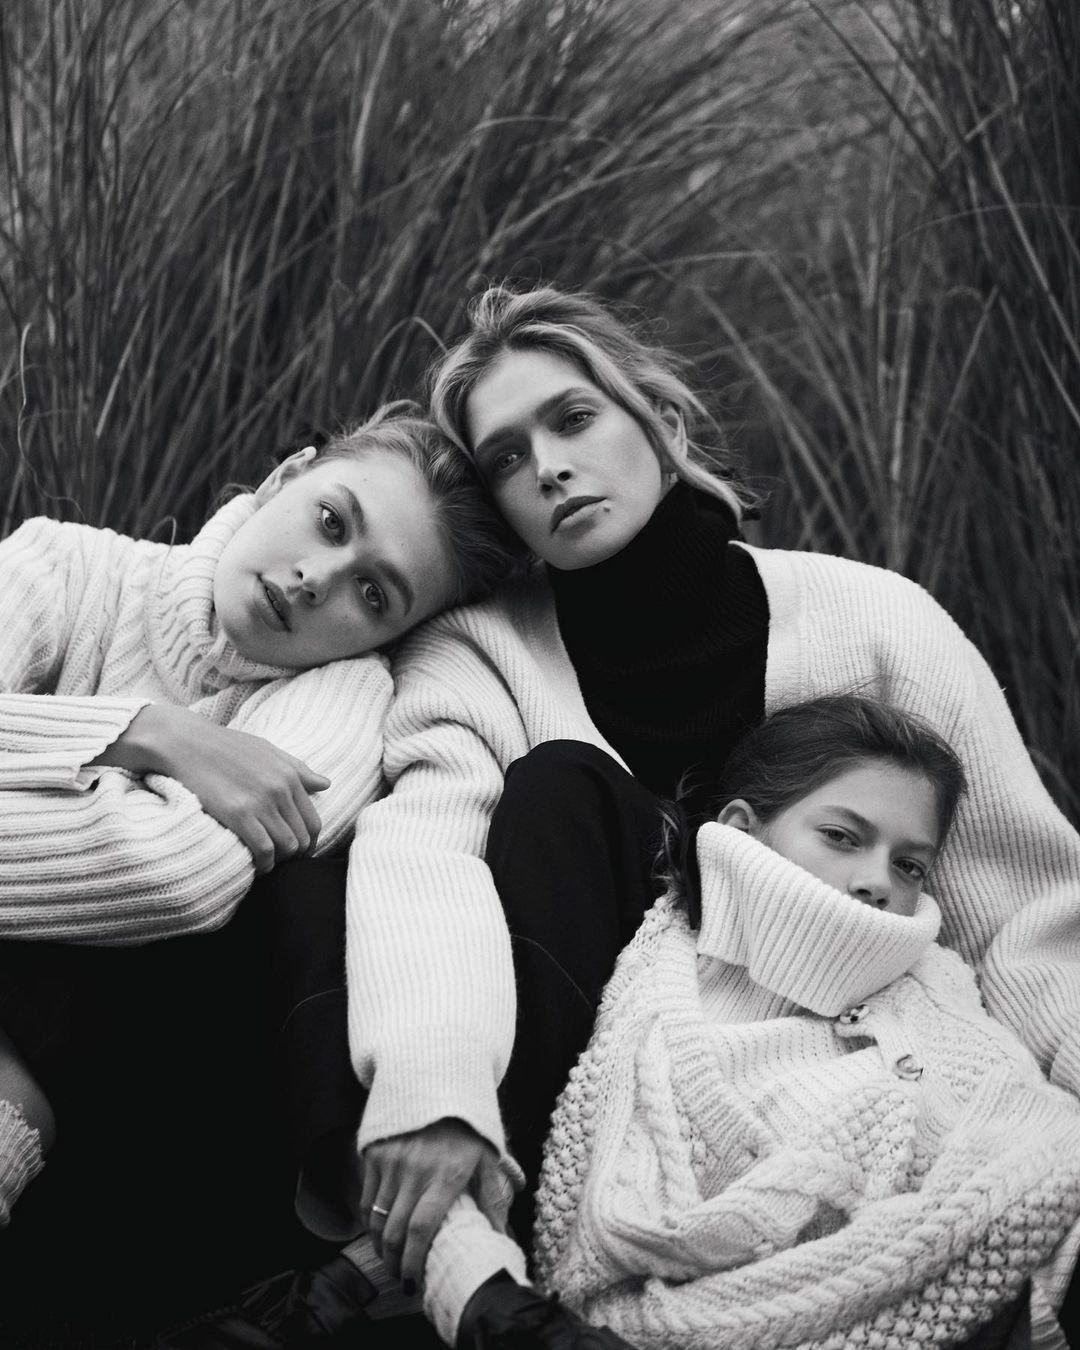 Брежнєва поскаржилася на розлуку з дочкою / instagram.com/ververa